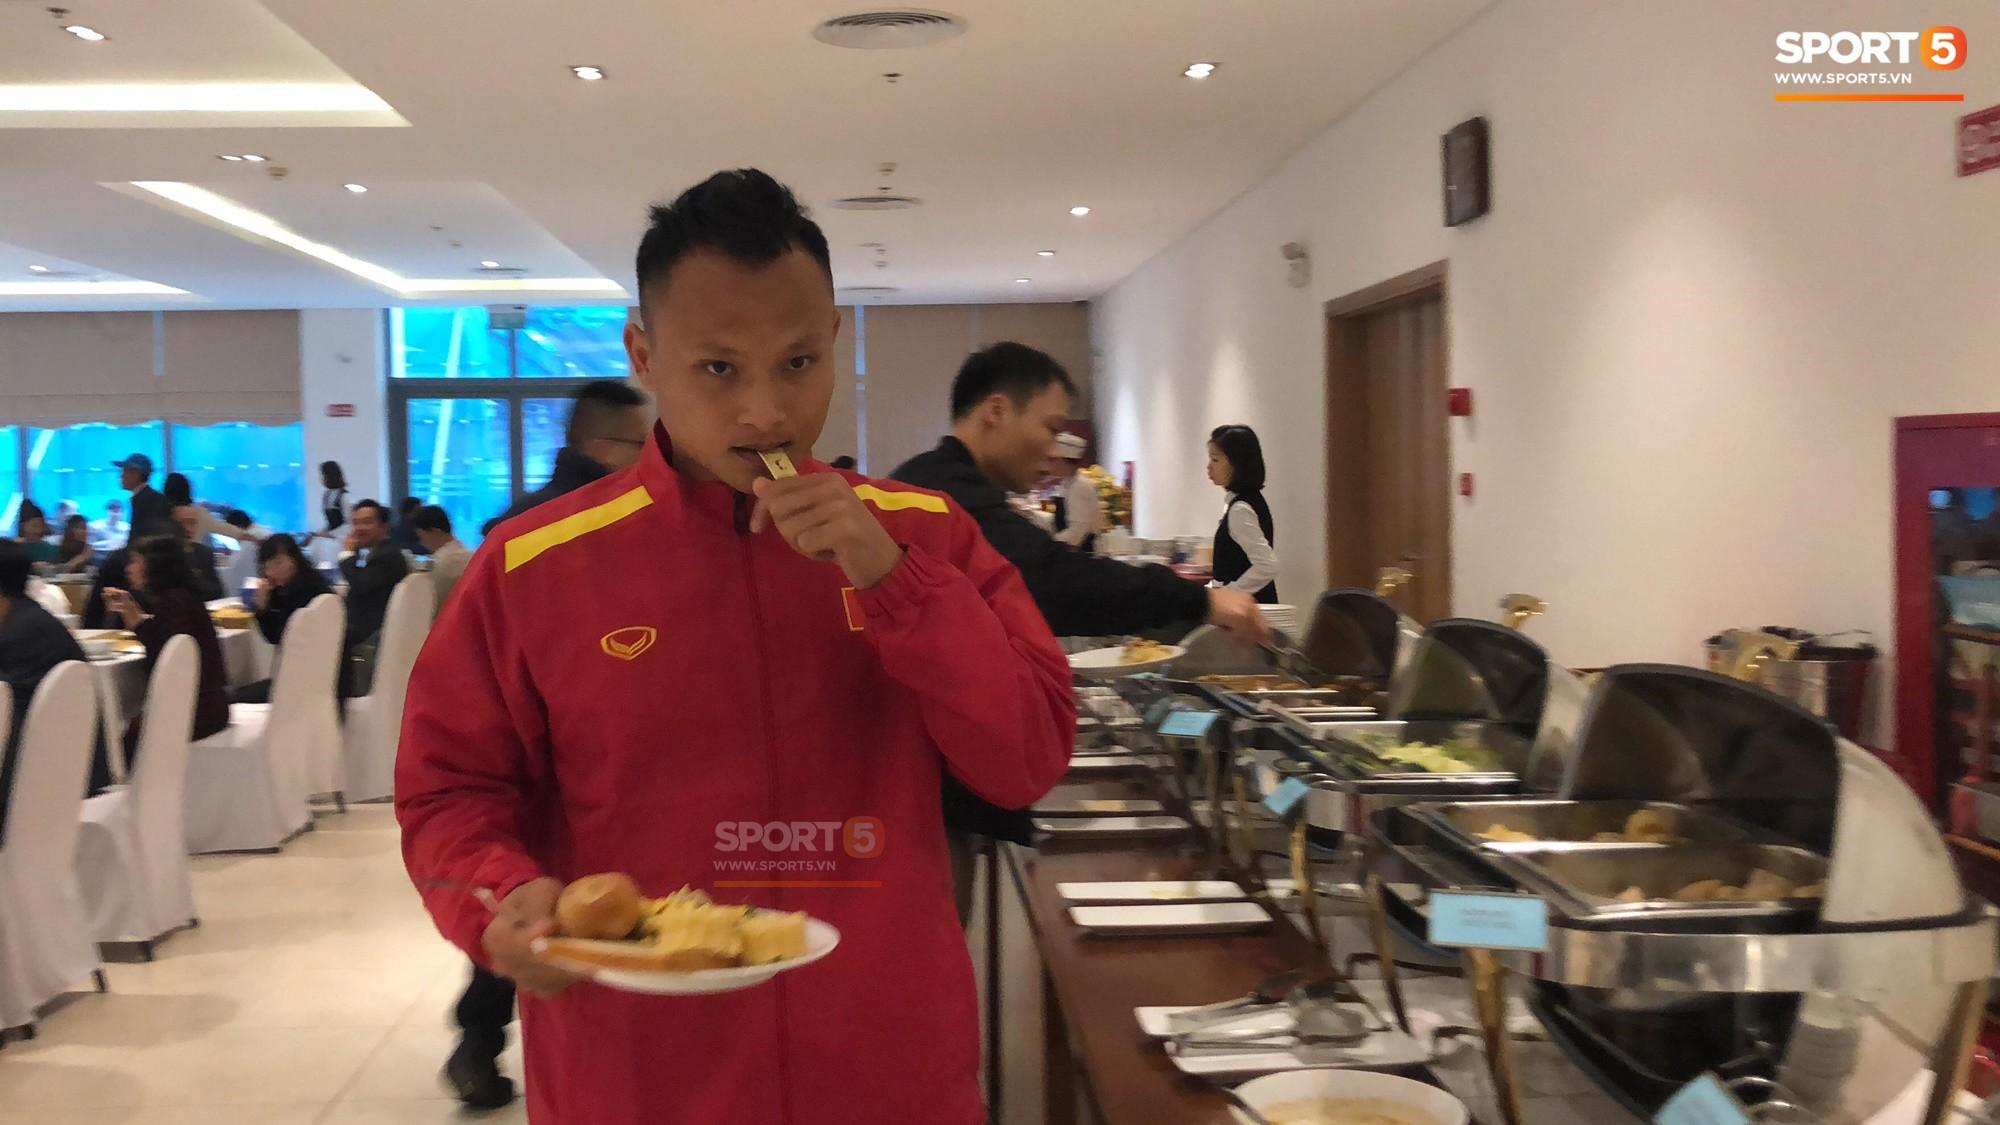 Bữa sáng giản dị của tuyển Việt Nam trước trận chung kết lịch sử - Ảnh 6.